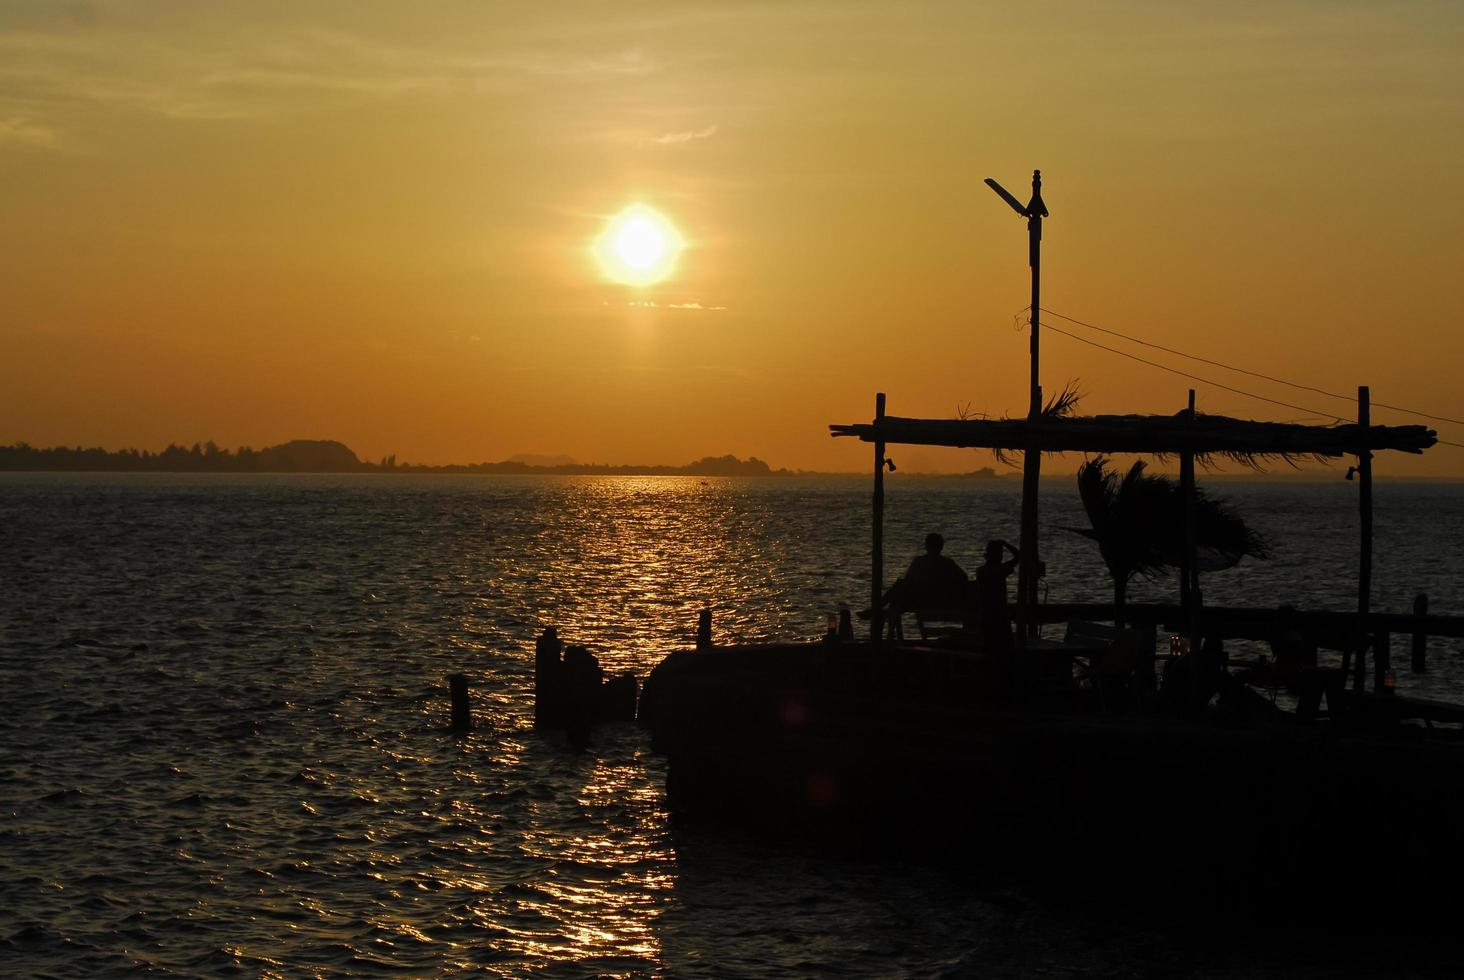 playa tropical en la hermosa puesta de sol dorada. fondo de la naturaleza foto